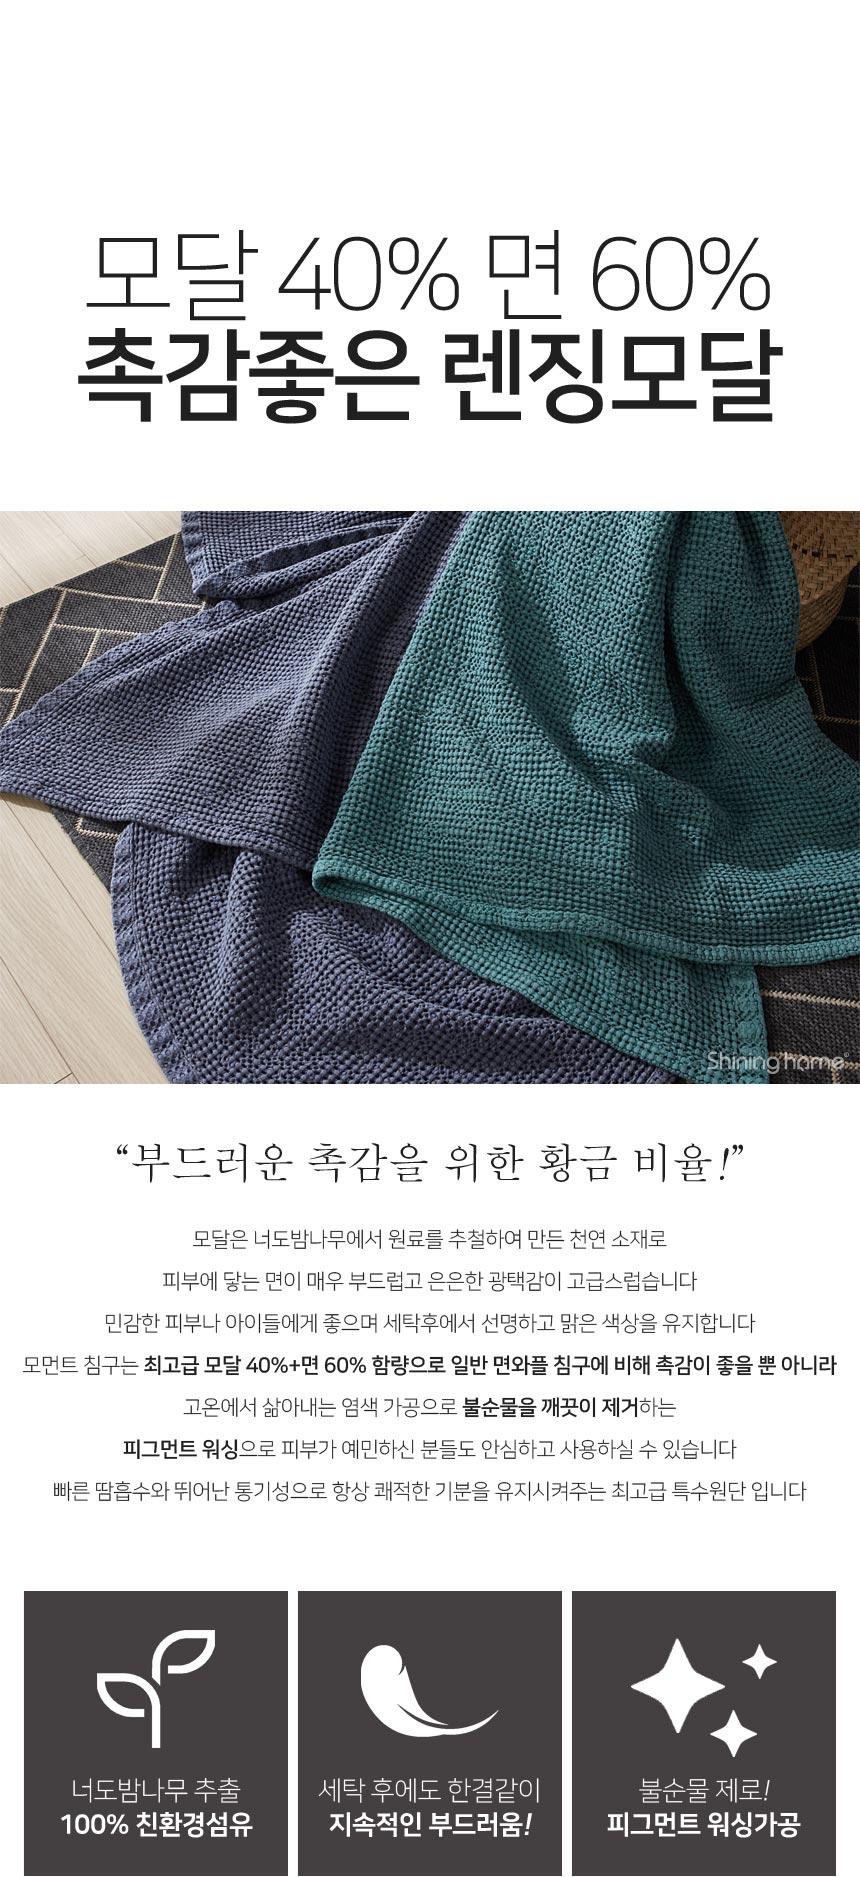 샤르르 모먼트 모달와플 이불겸패드 퀸 200x230 - 샤이닝홈, 58,900원, 침구 단품, 패드/스프레드